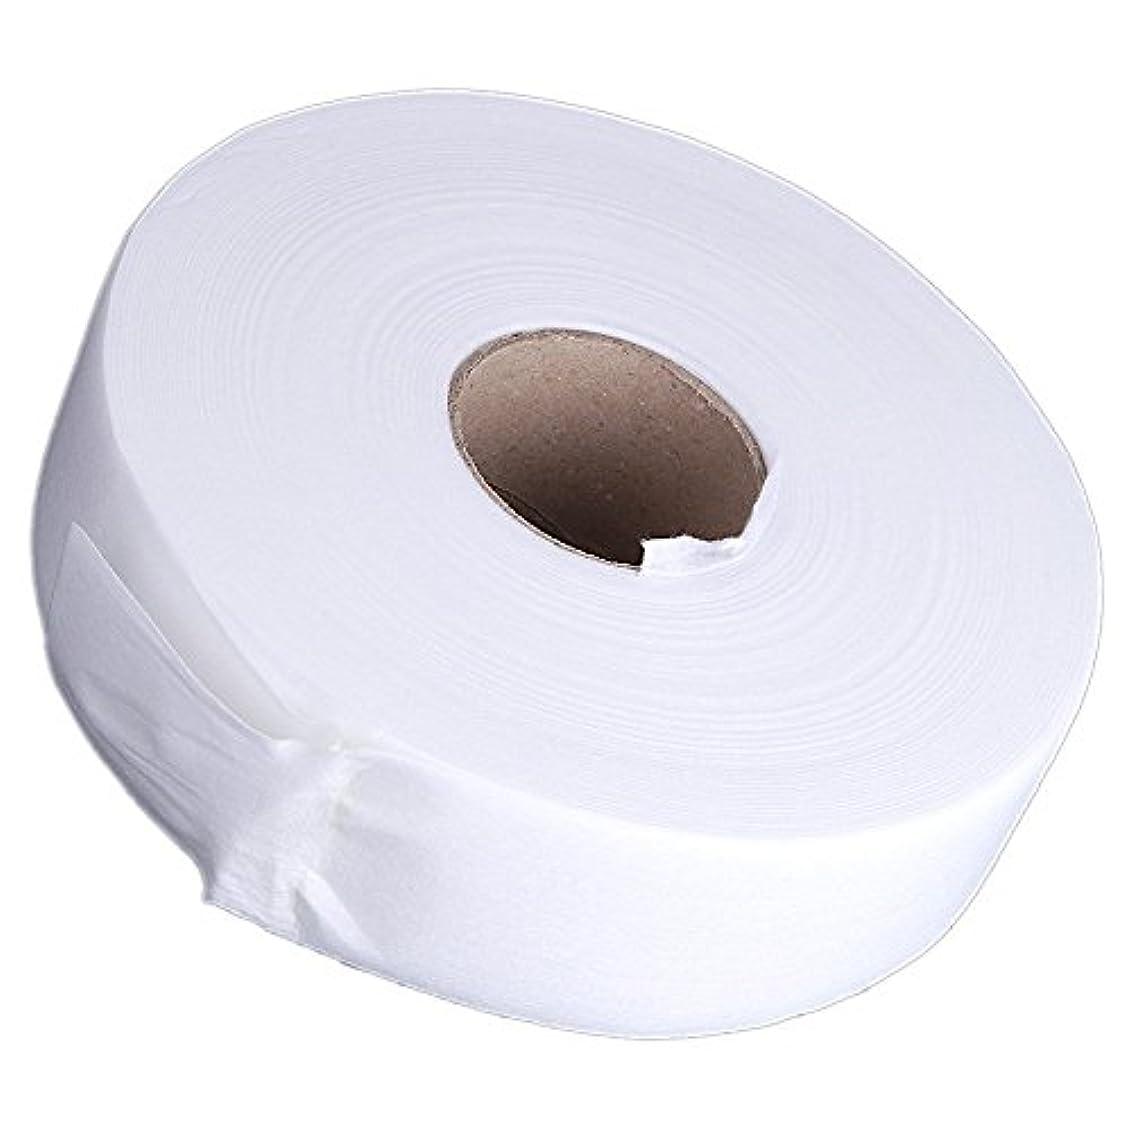 適切な六分儀食べるCUHAWUDBA 100ヤードの脱毛紙脱毛ワックスストリップ 不織布ペーパーワックスロール(白)